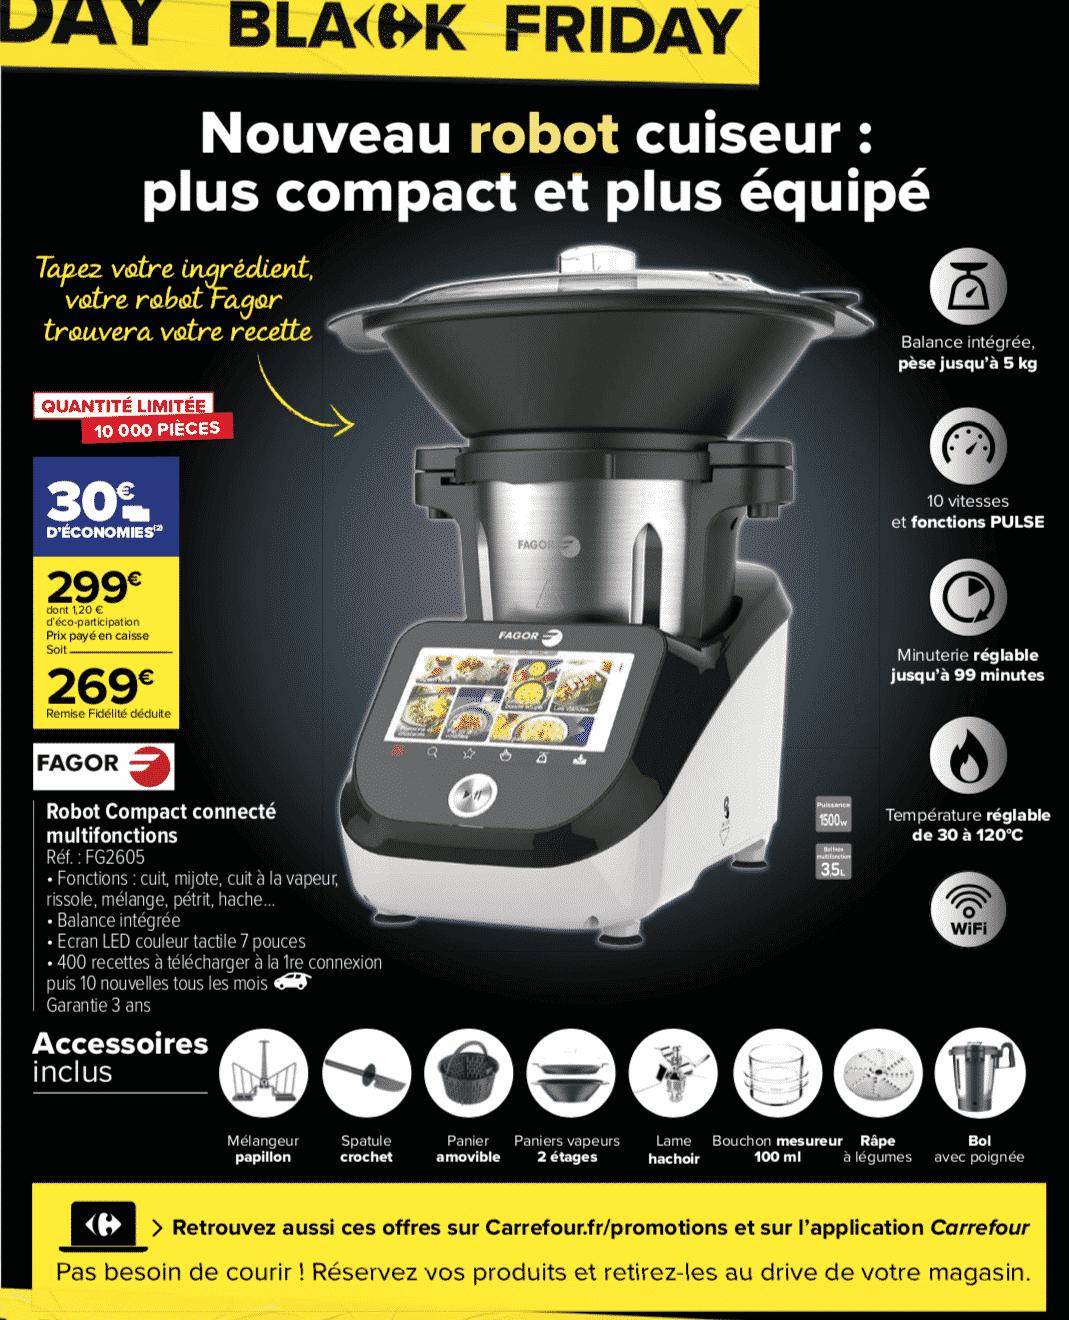 Black Friday Robot Cuiseur Carrefour Market Remise Sur Le Tout Nouveau Modele Mag Eco